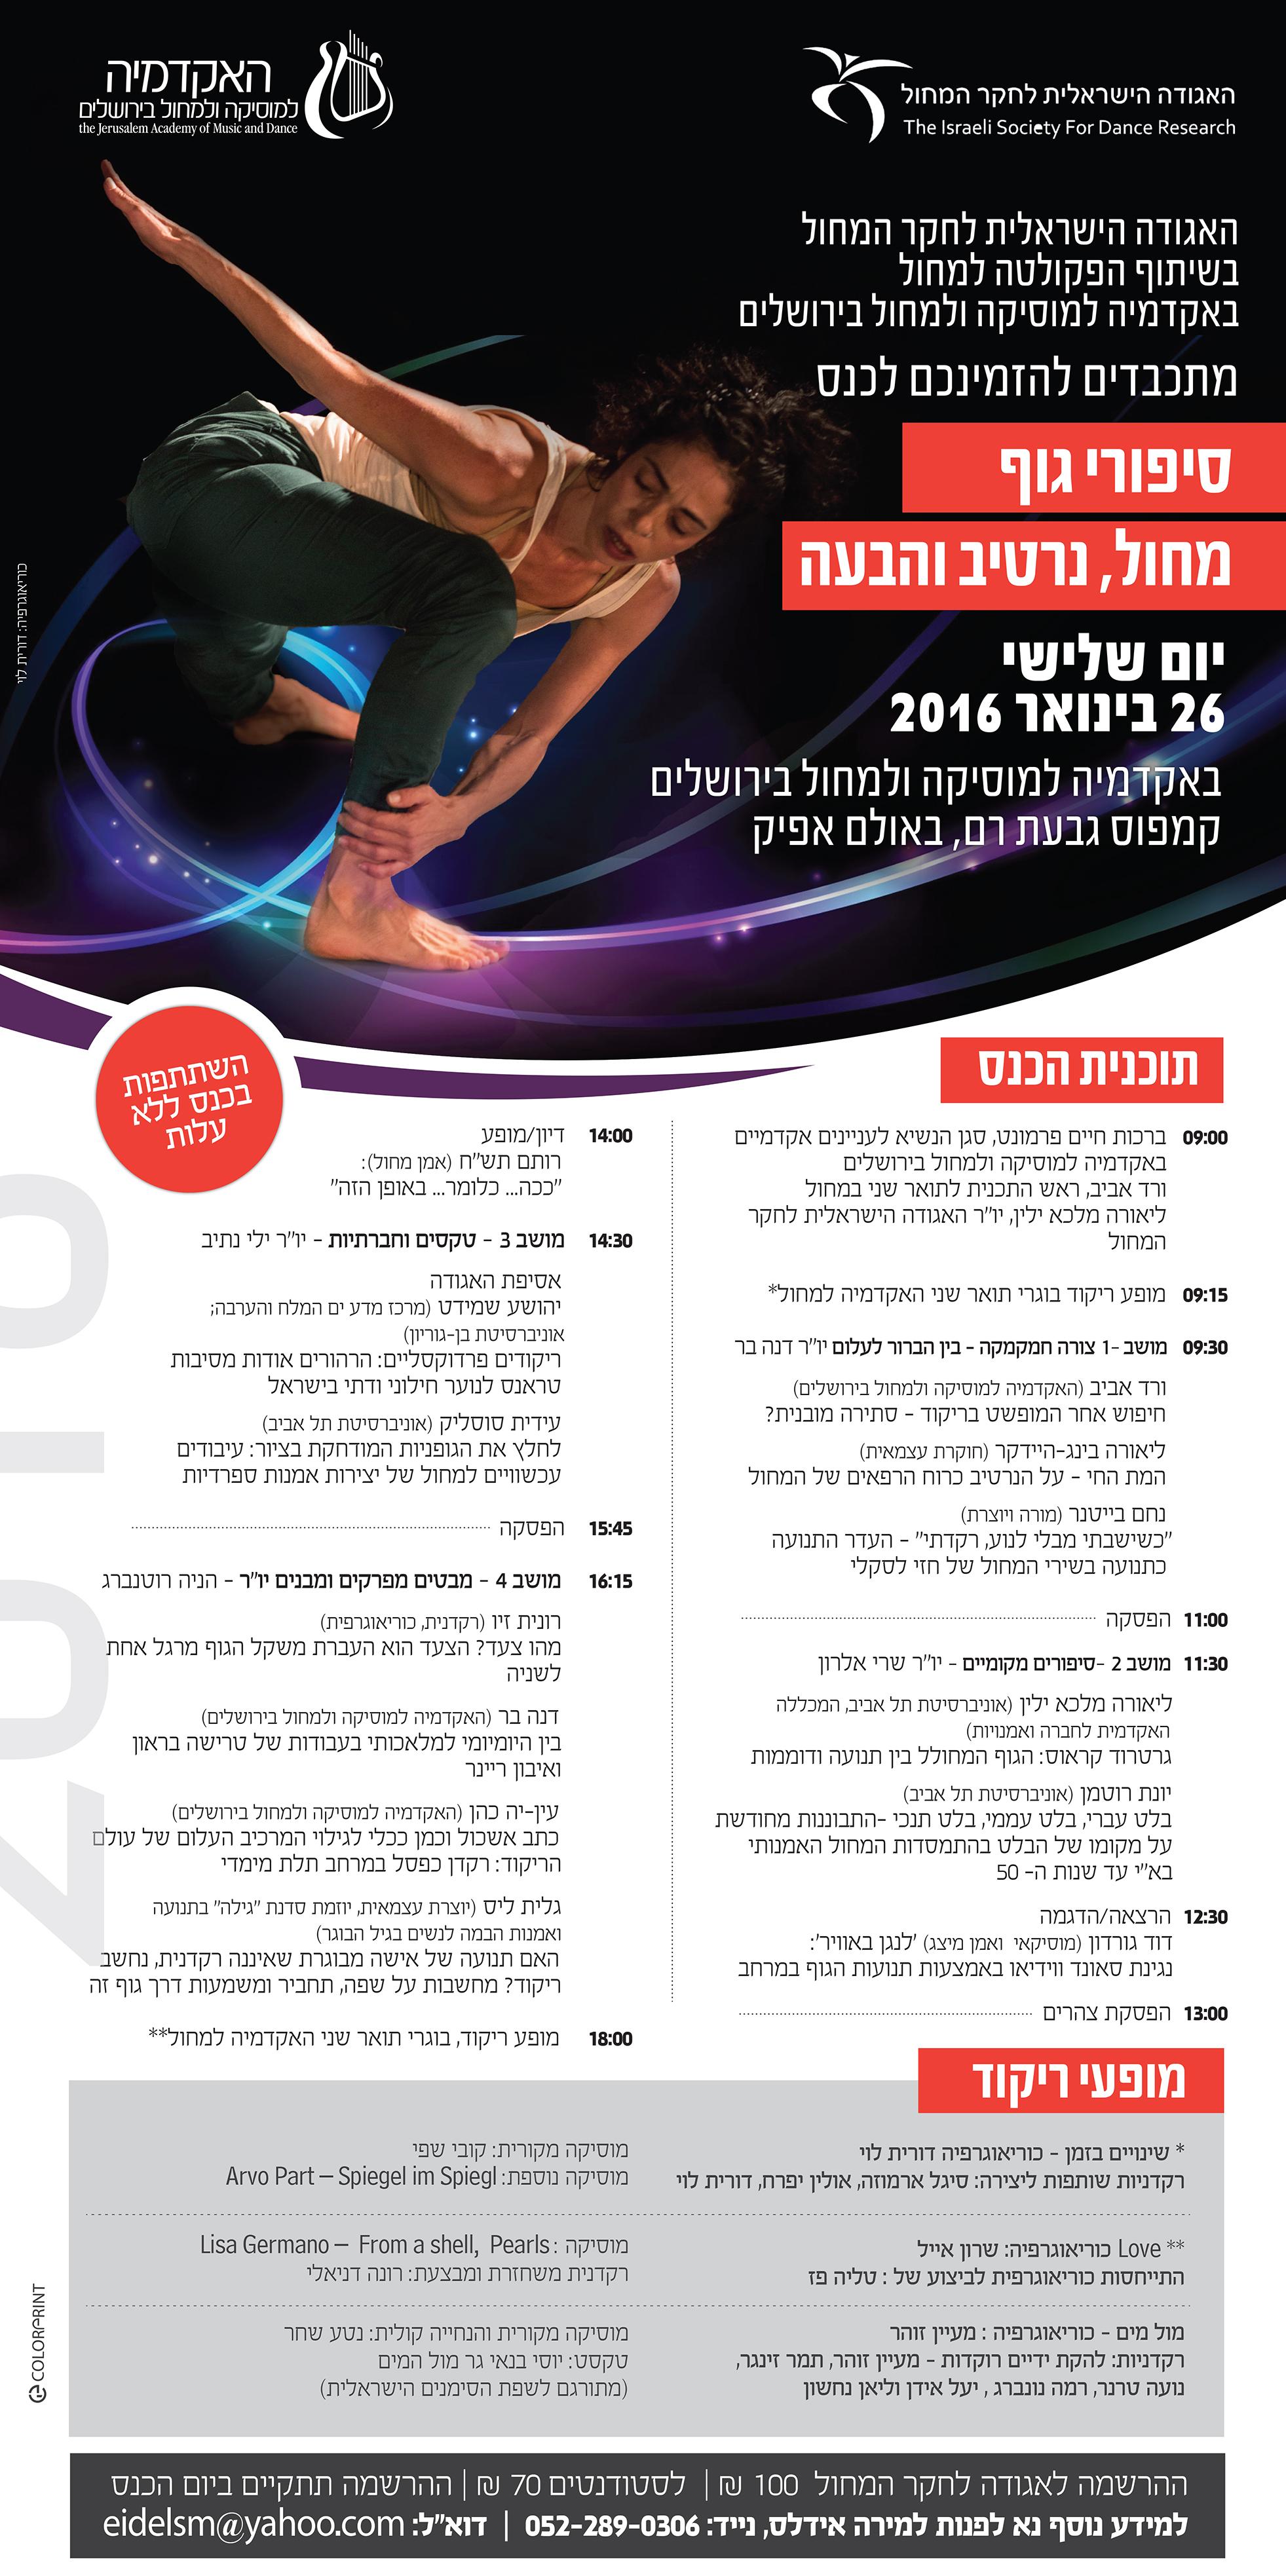 סיפורי גוף – כנס האגודה הישראלית לחקר המחול